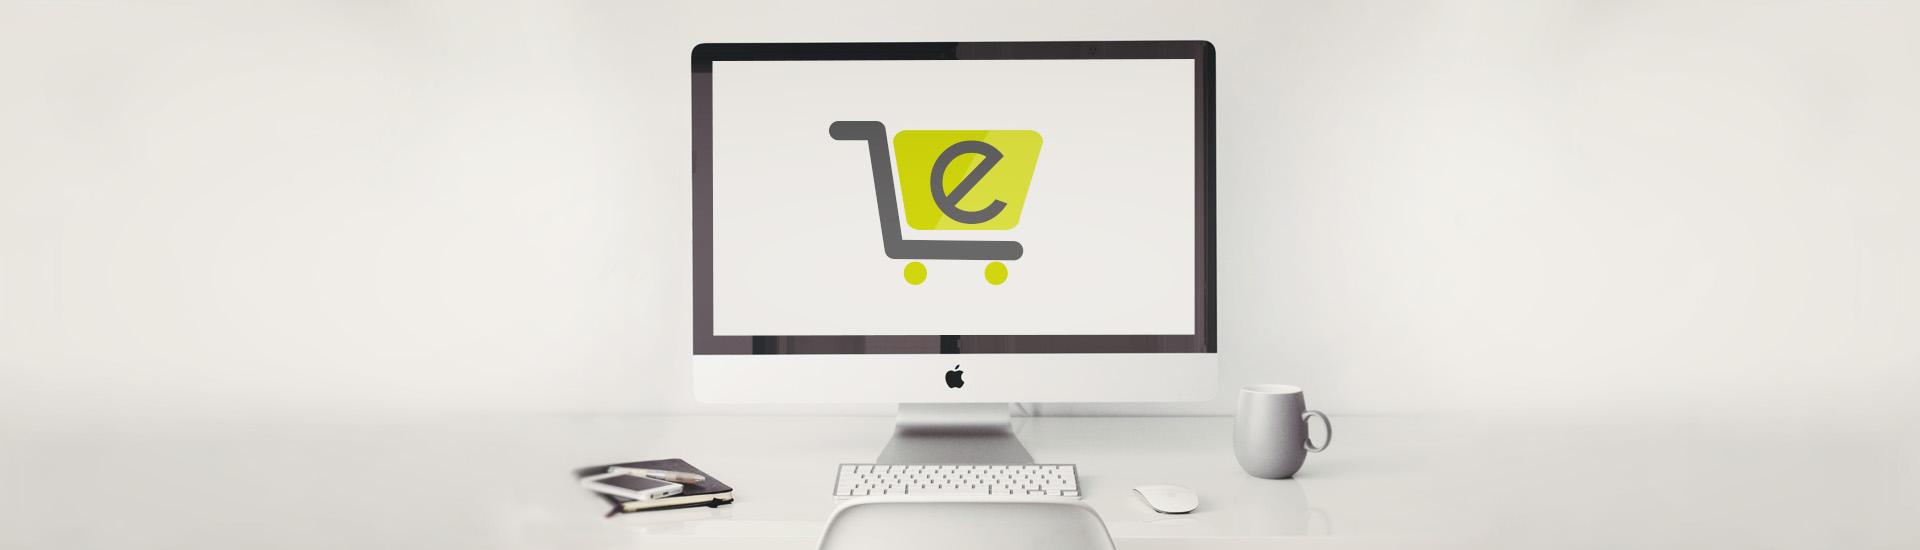 Tiendas online y e-commerce